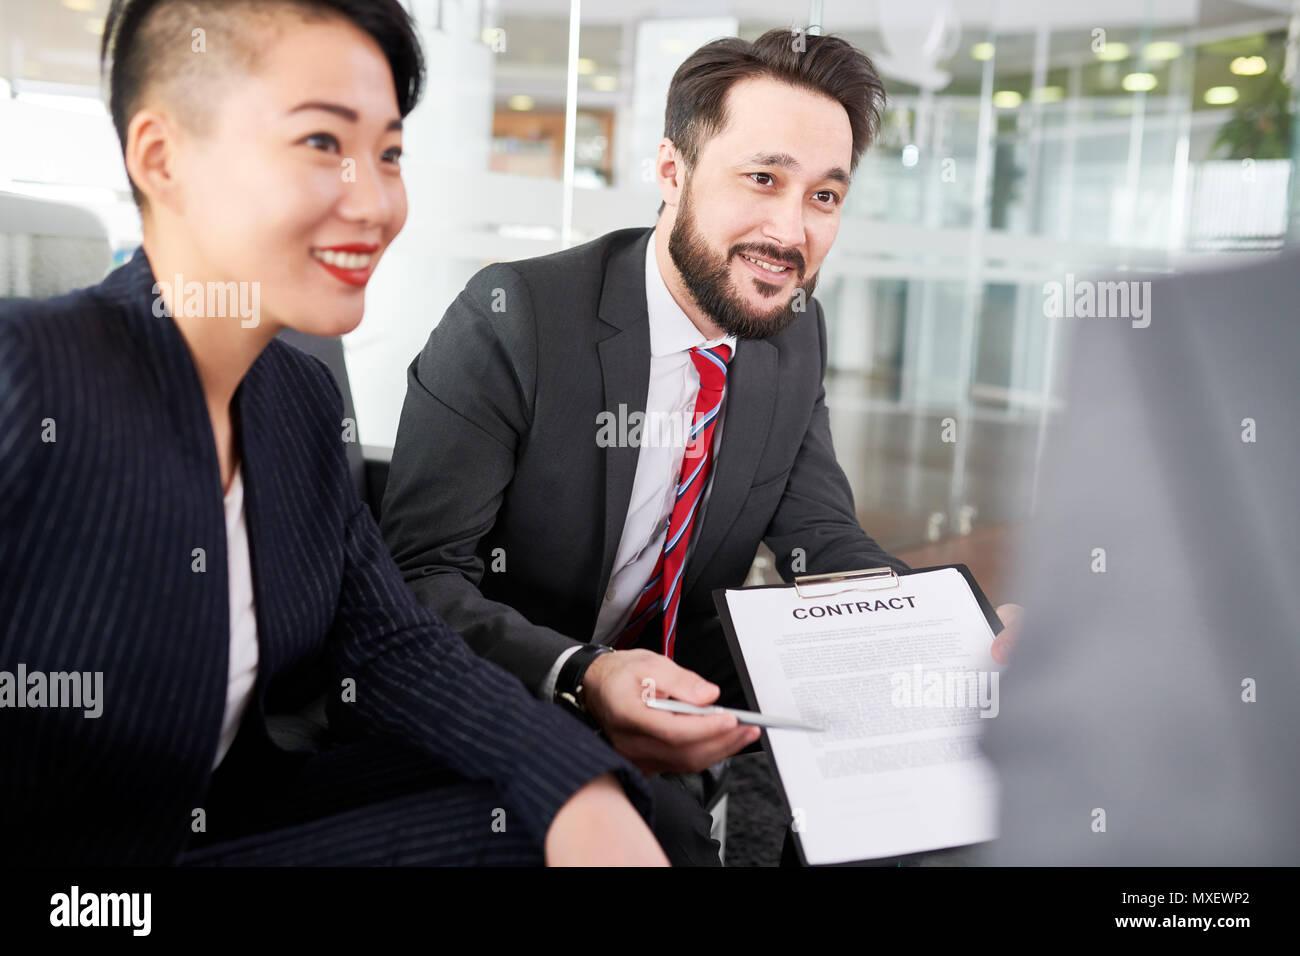 Las negociaciones productivas con Business Partner Imagen De Stock